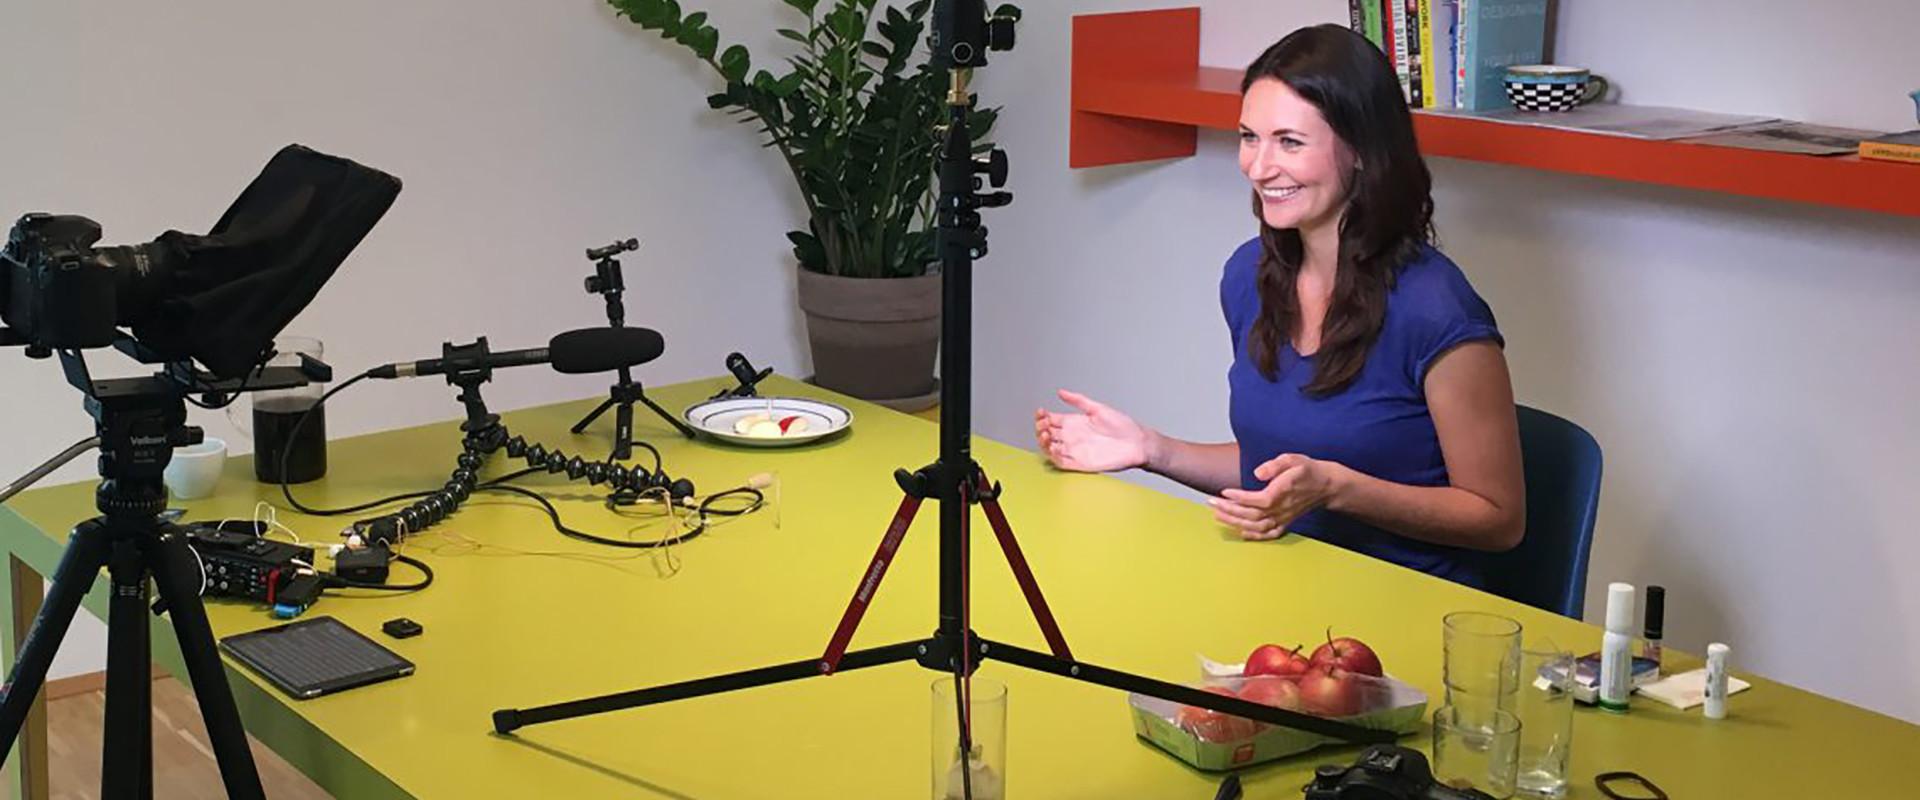 7 1/2 Tipps für eine perfekte Videokonferenz